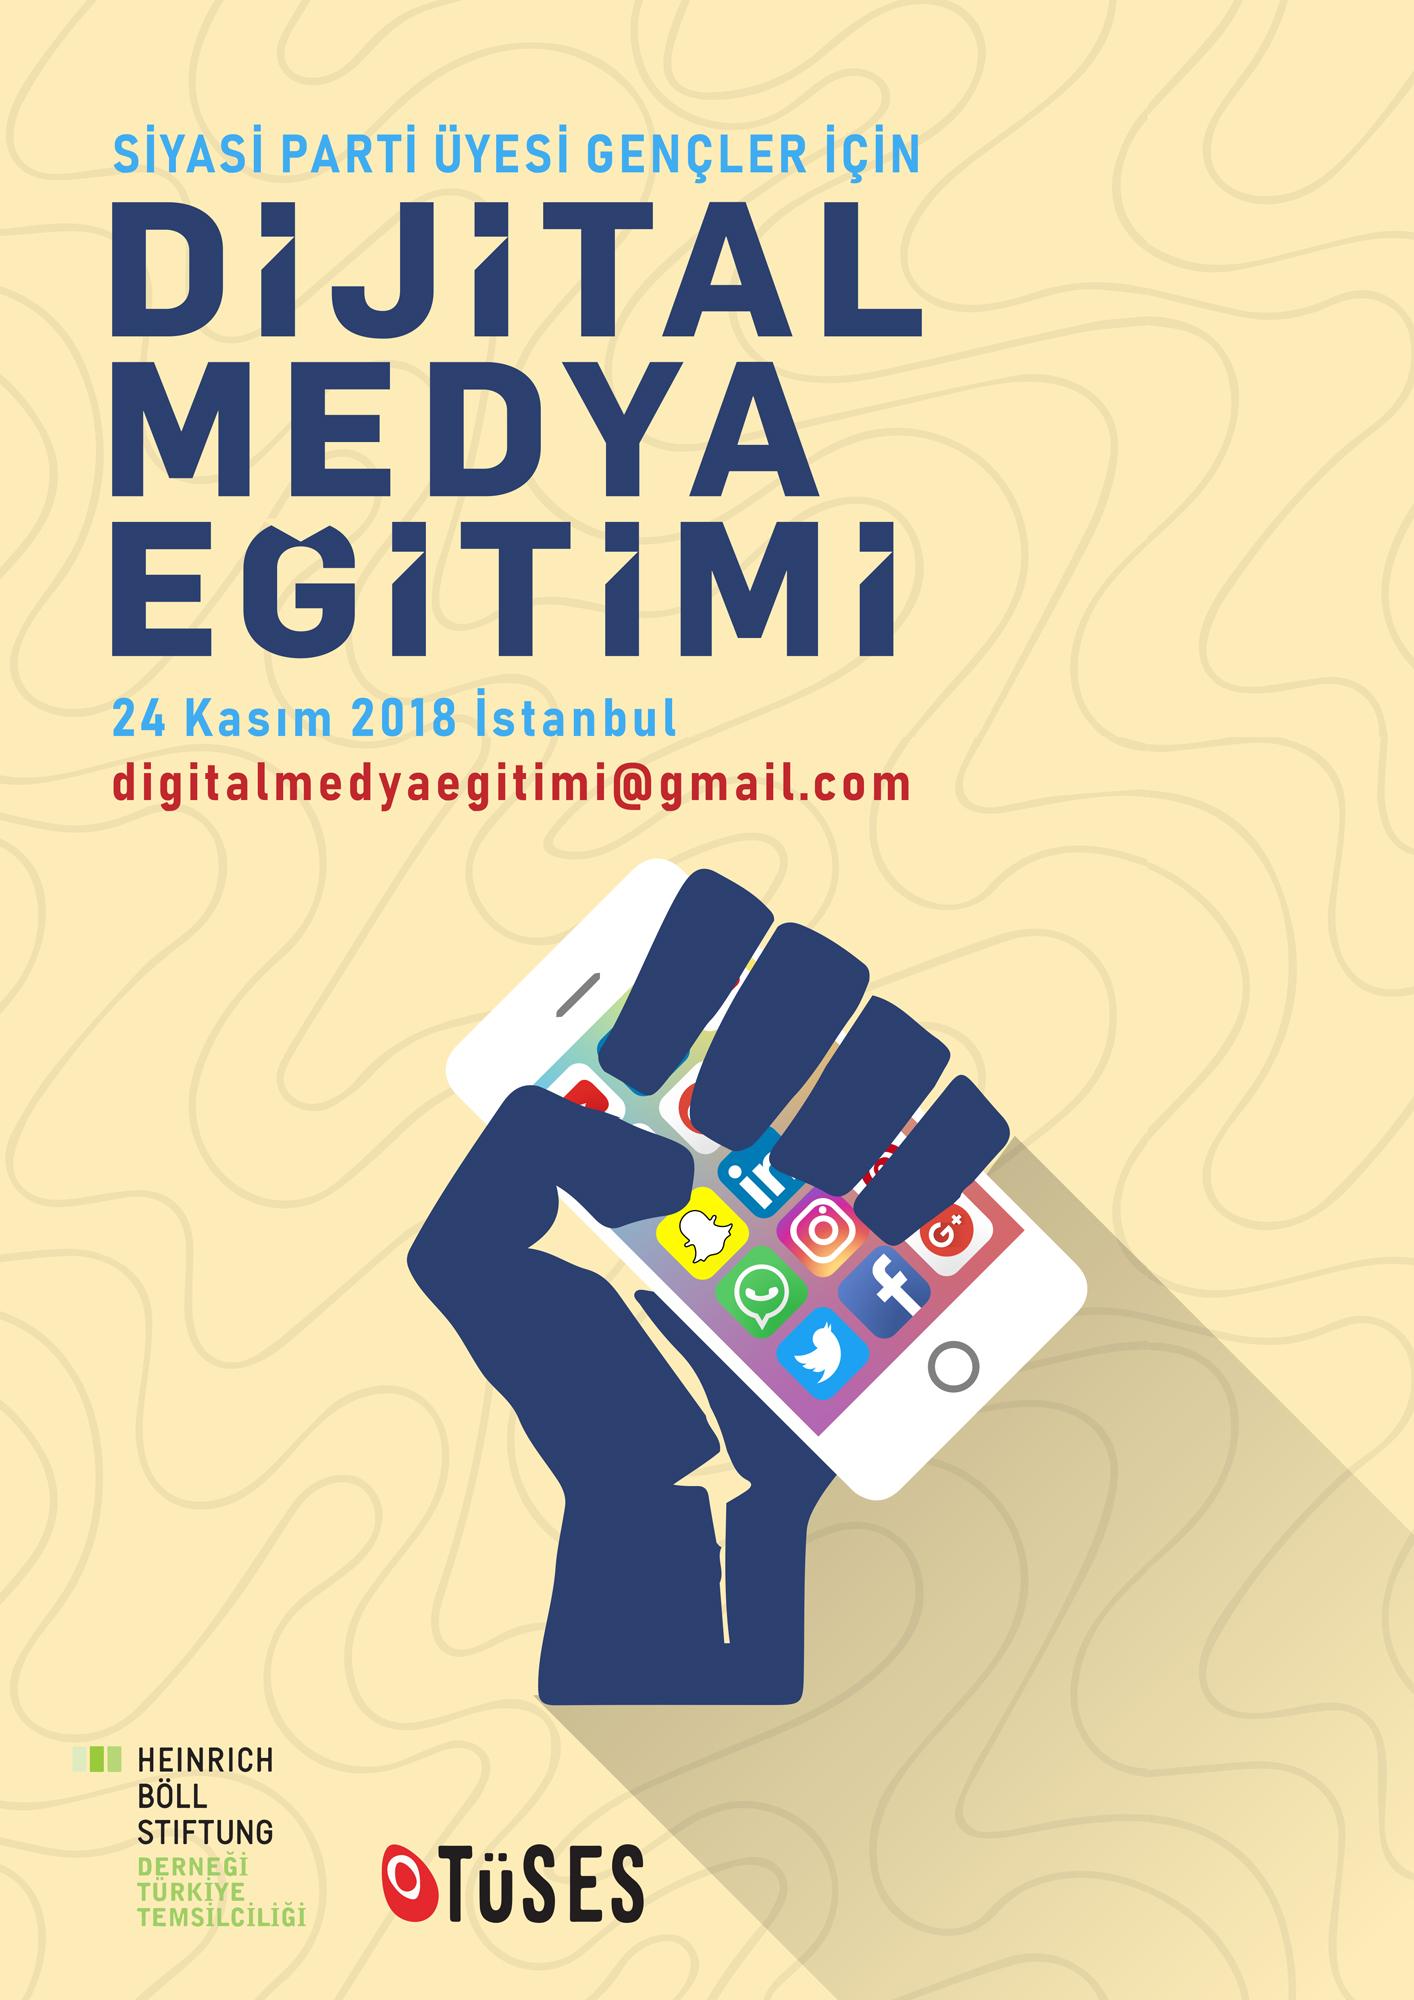 Siyasi Partili Gençler İçin Dijital Medya Eğitimine Katılmak İster misiniz?